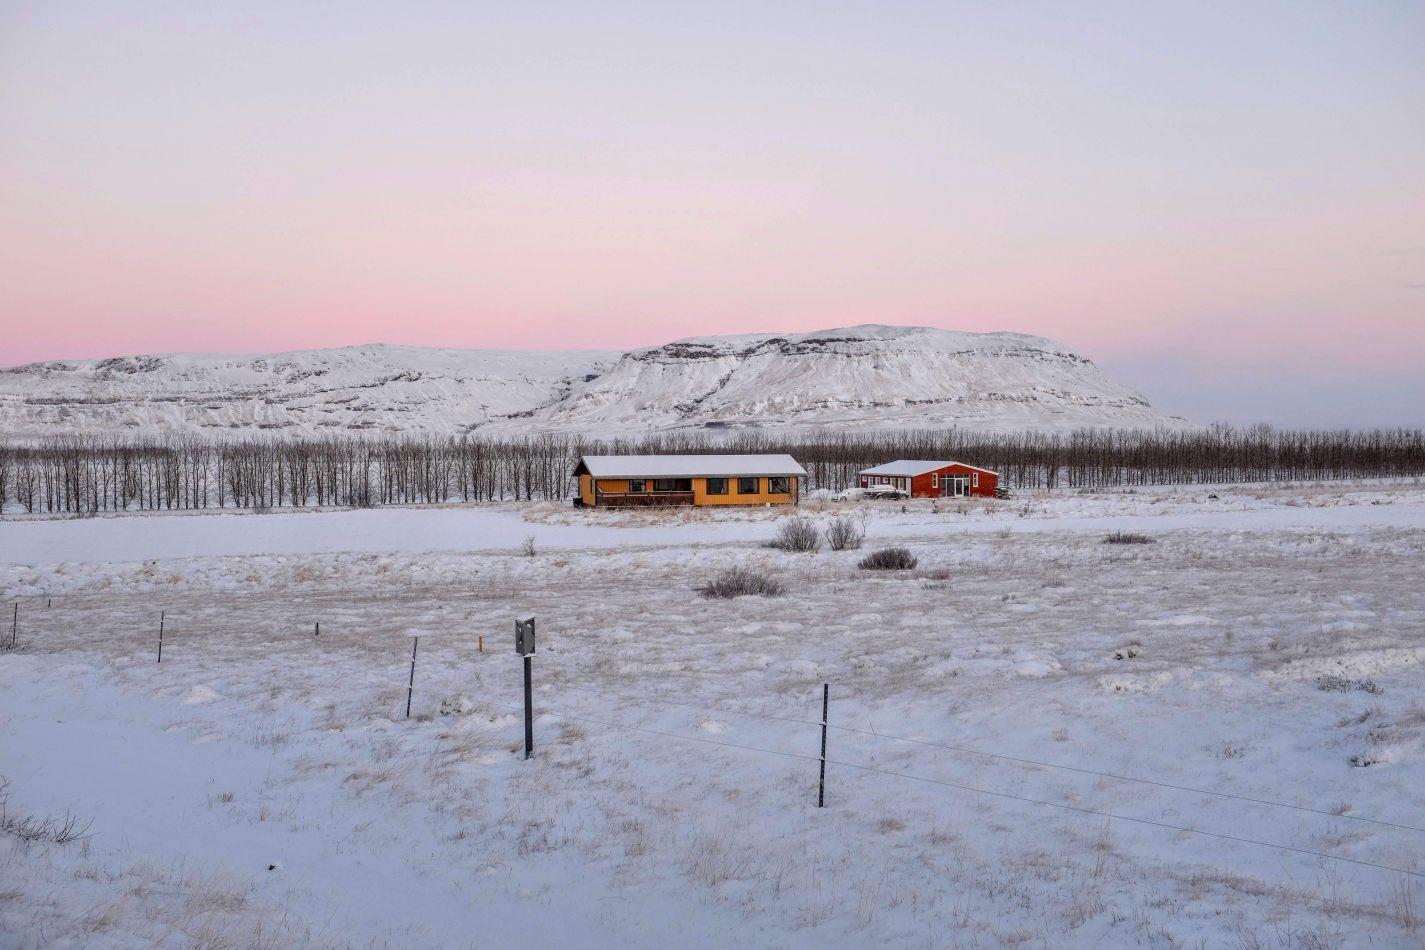 Hibiscus & Nomada : - - Sunrise in Iceland